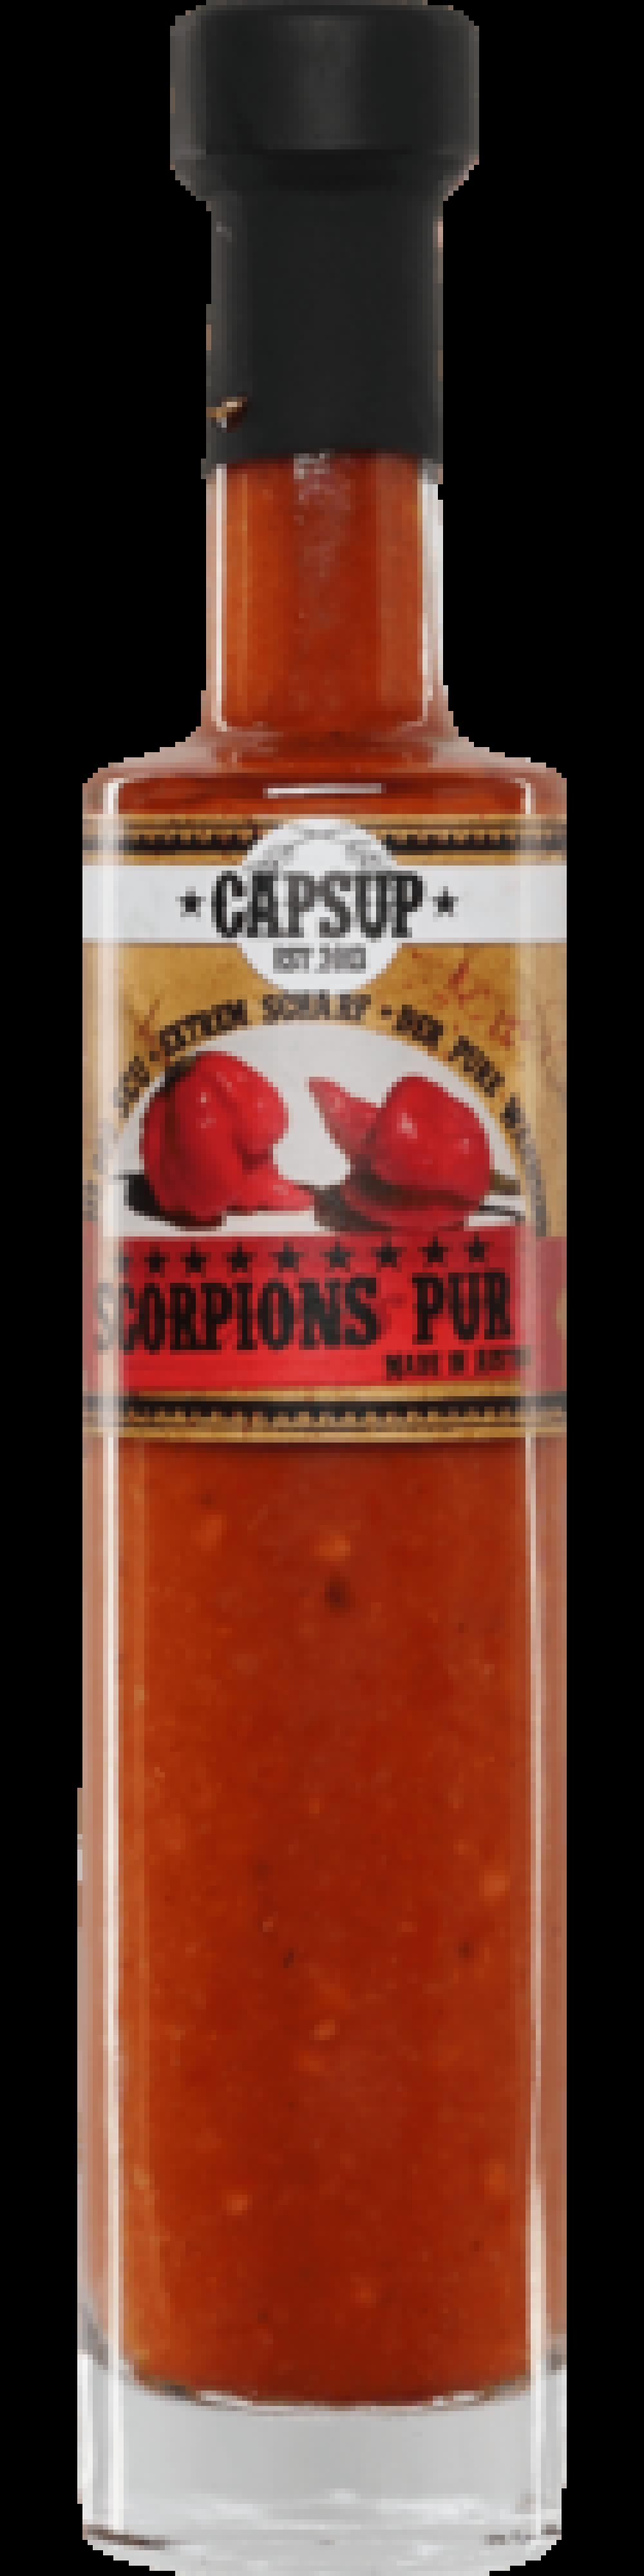 Scorpions Pur 100ml